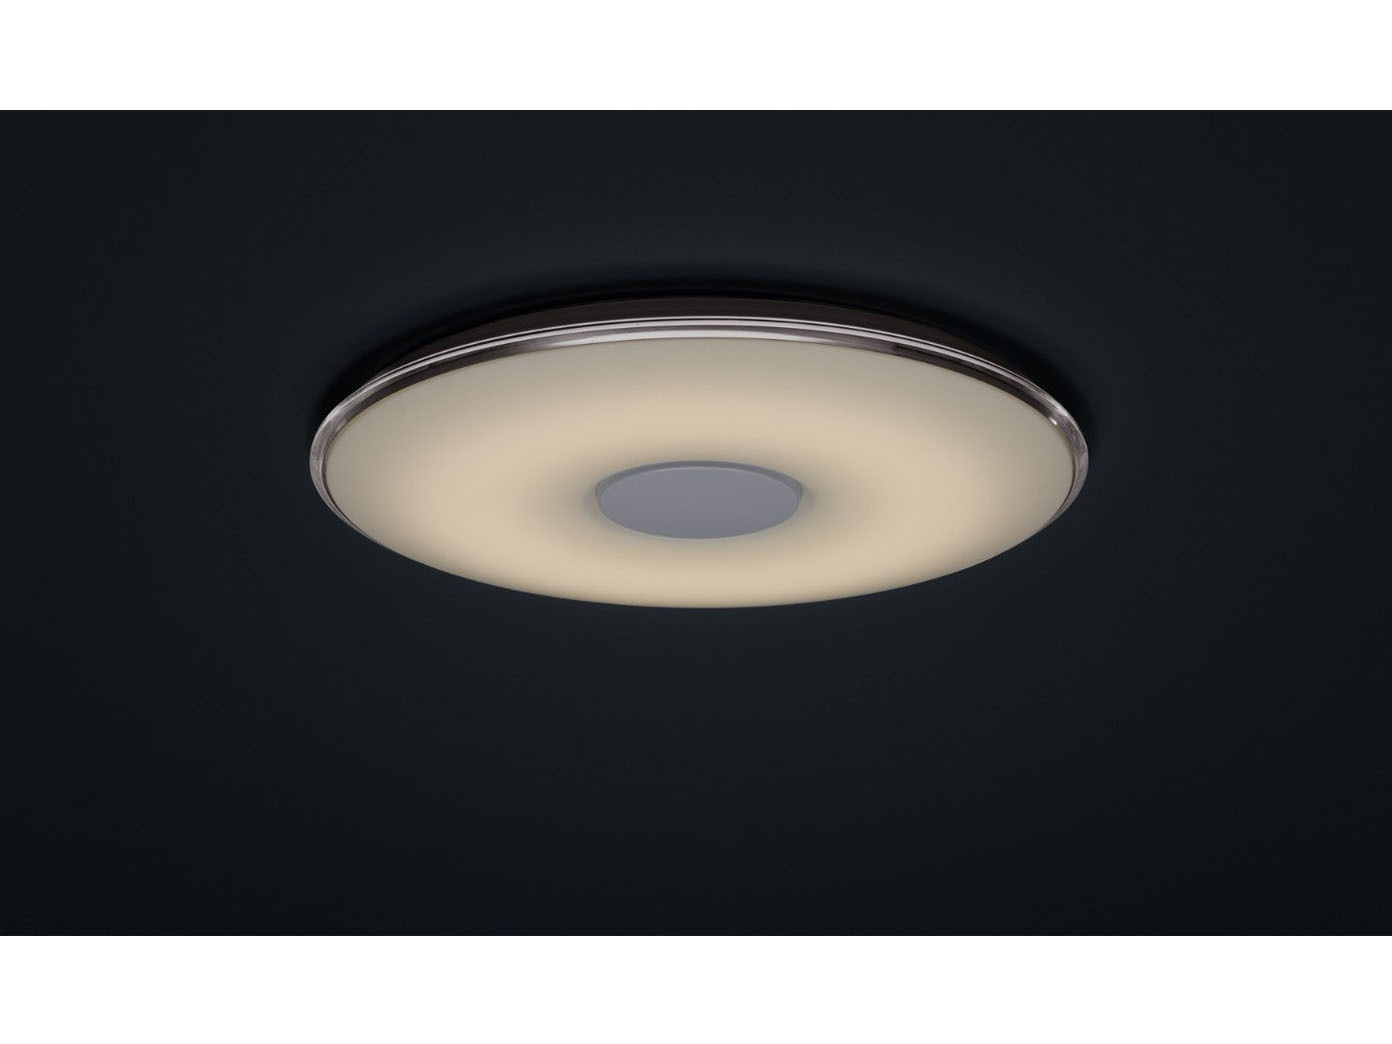 led deckenleuchte 60cm lichtfarbe einstellbar dimmbar trio leuchten ebay. Black Bedroom Furniture Sets. Home Design Ideas